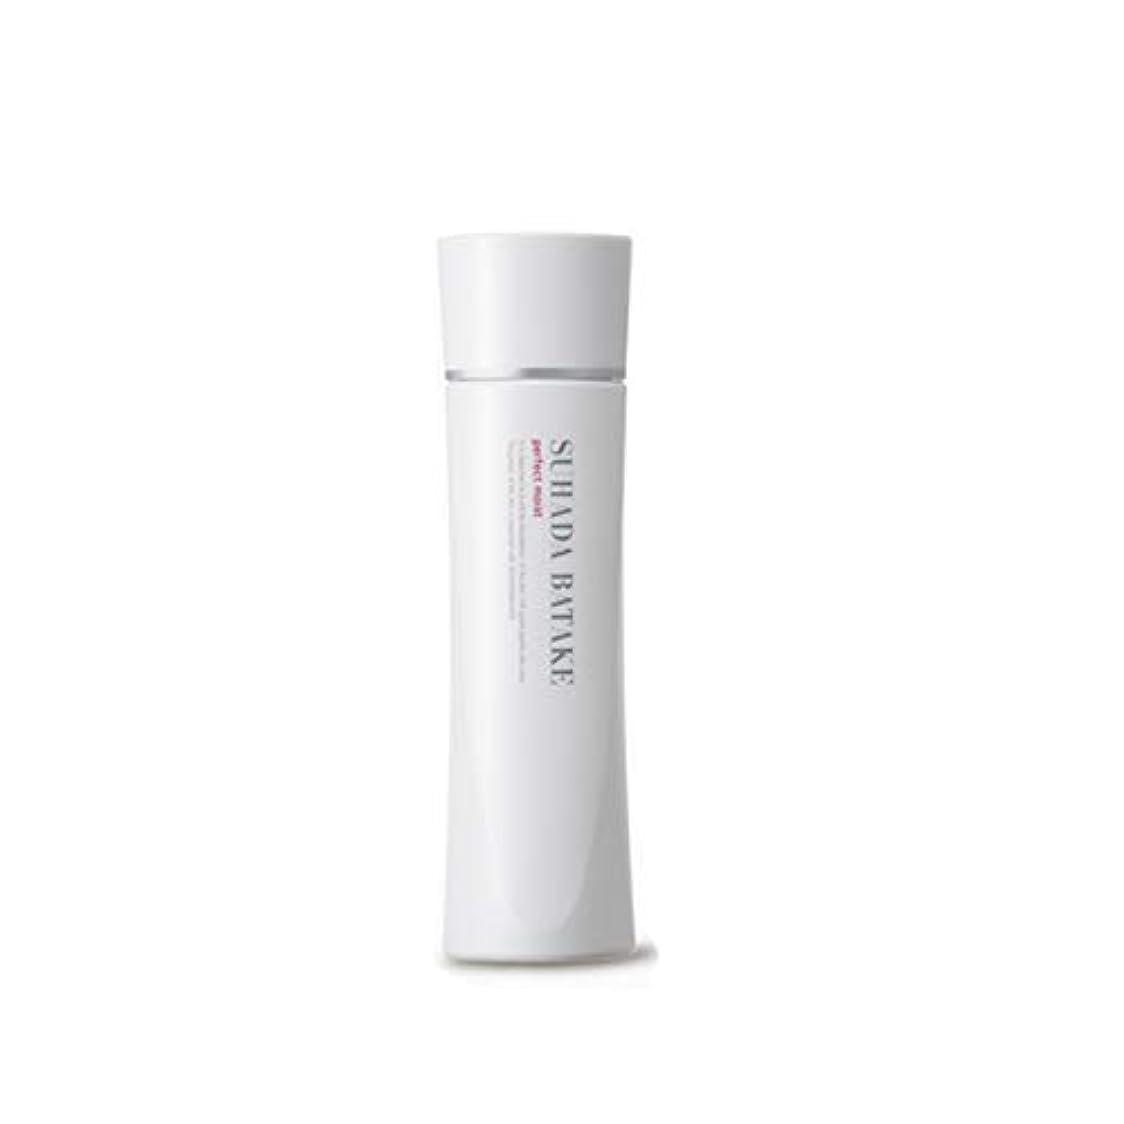 勘違いするブラウザのみ素肌畑 パーフェクト モイスト (美容化粧液)150ml